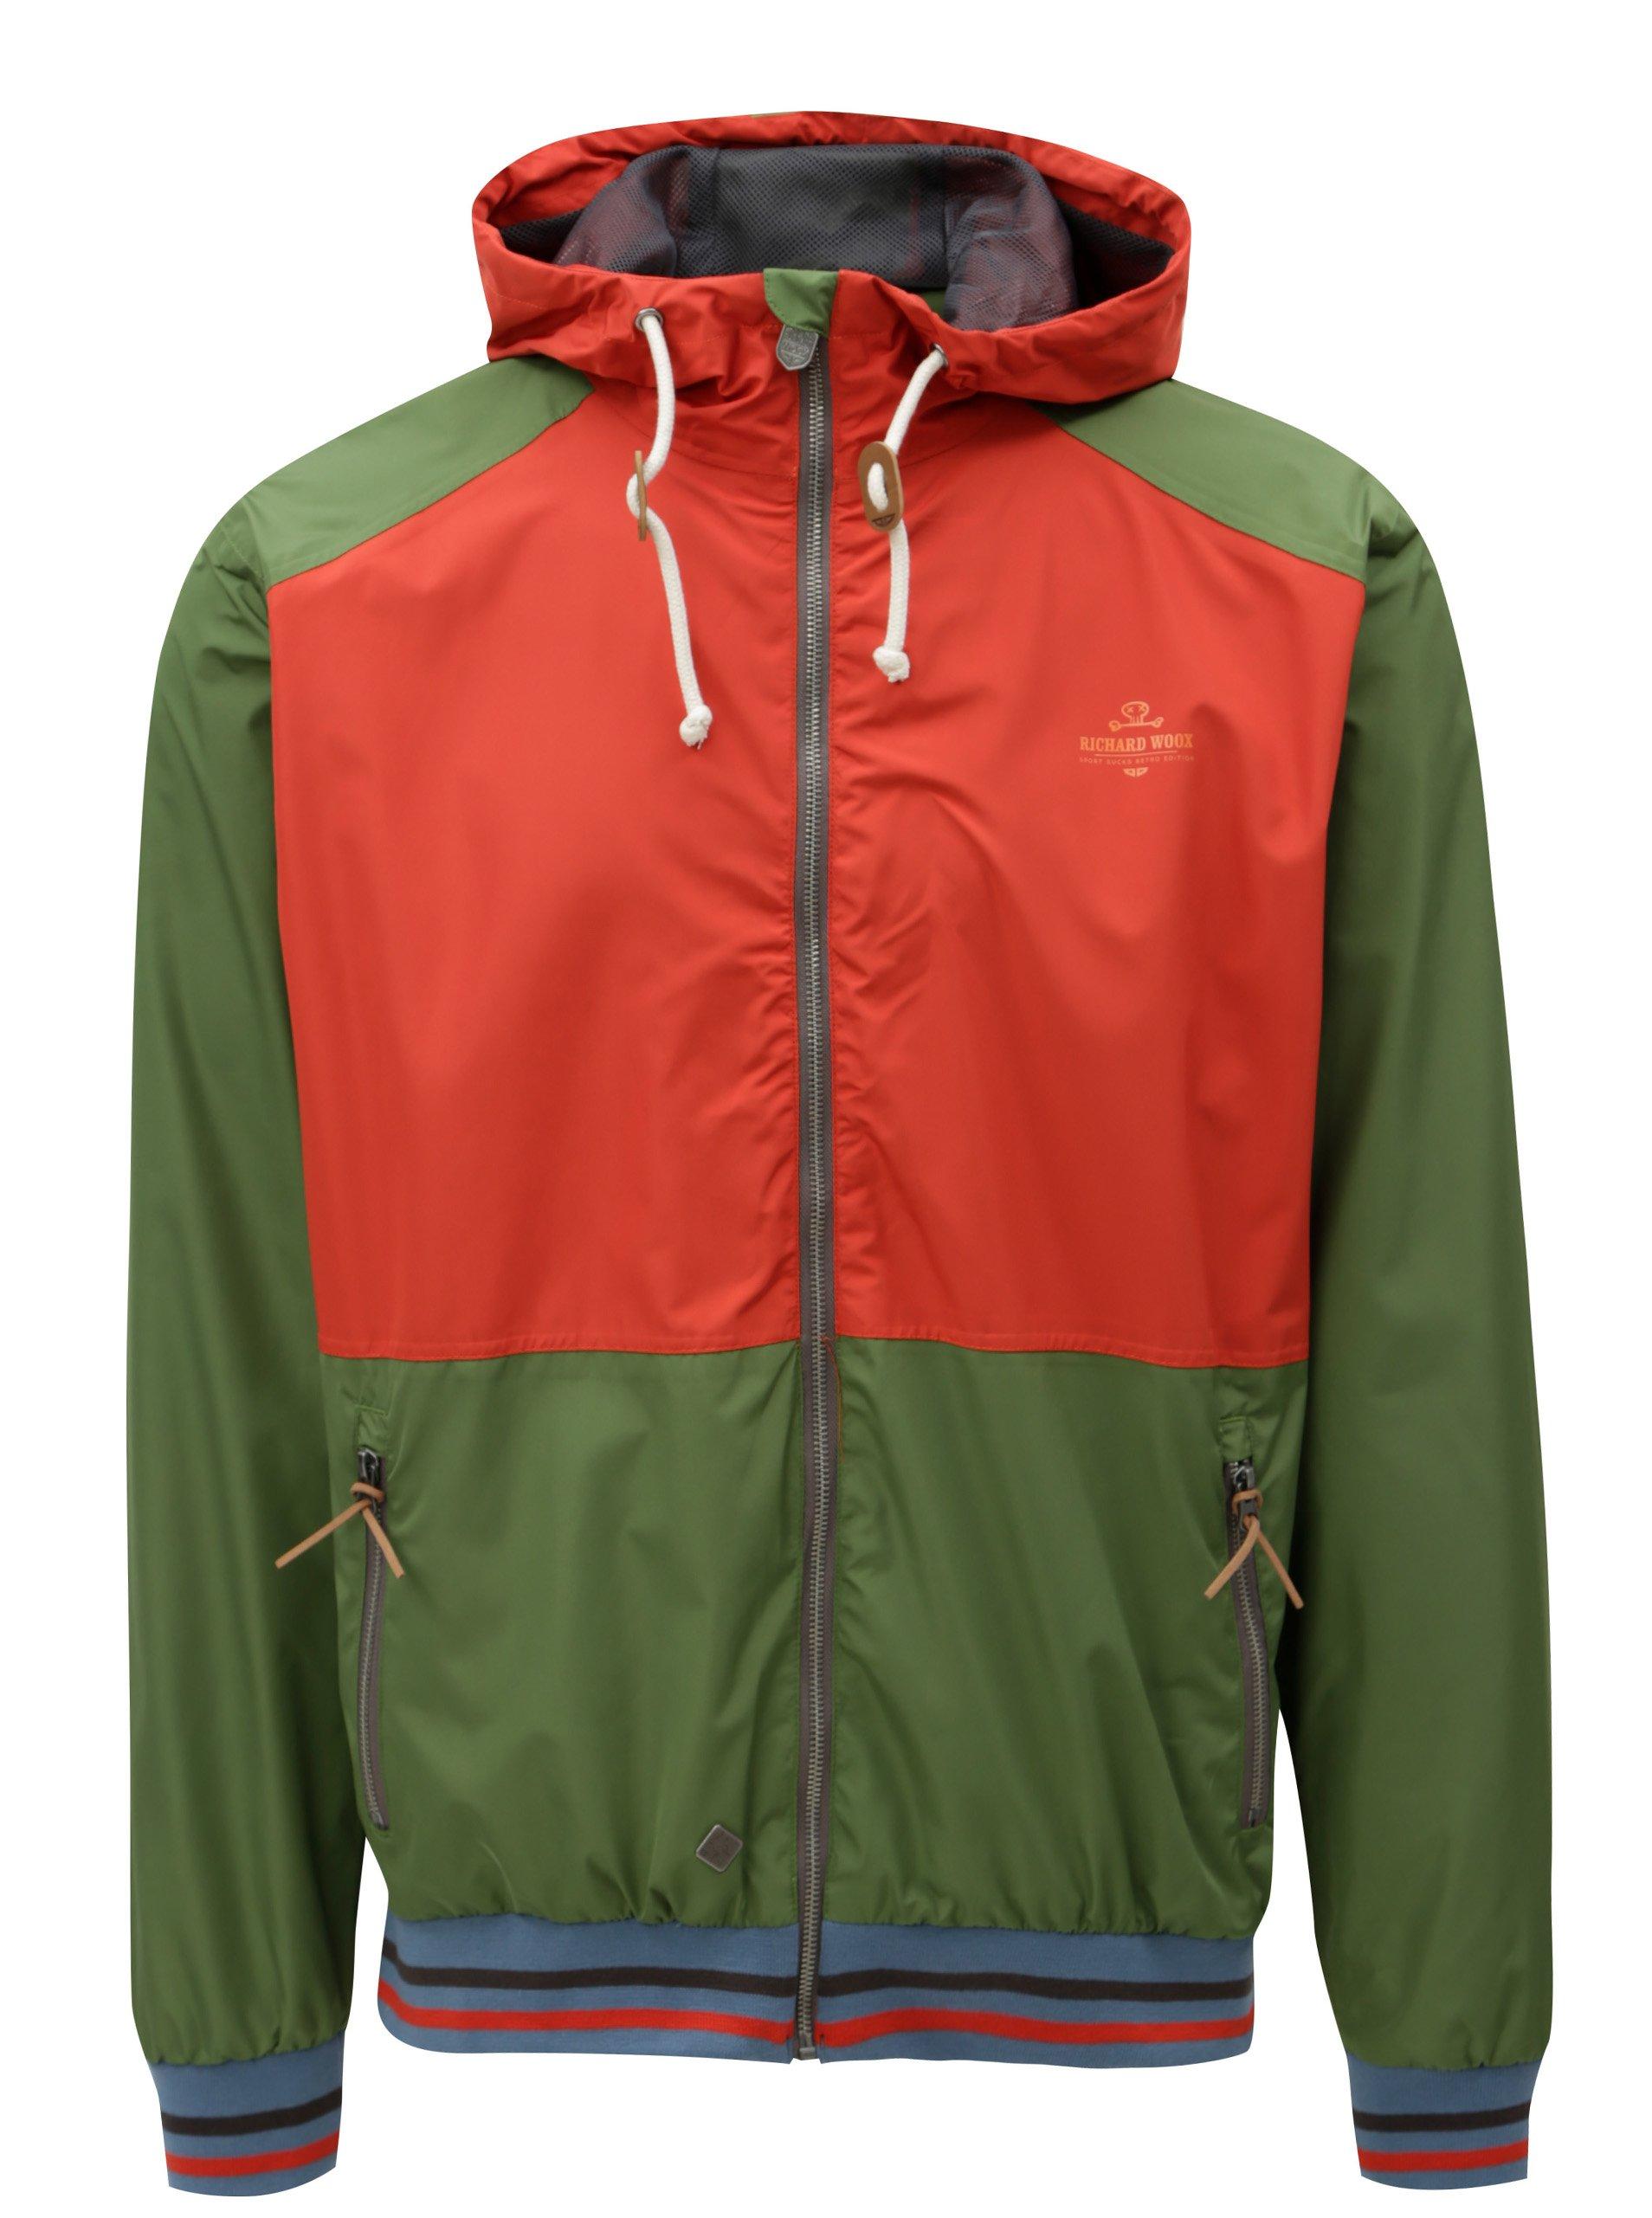 Červeno-zelená pánská neromokavá lehká bunda WOOX Nimbus Urban Kale Senor